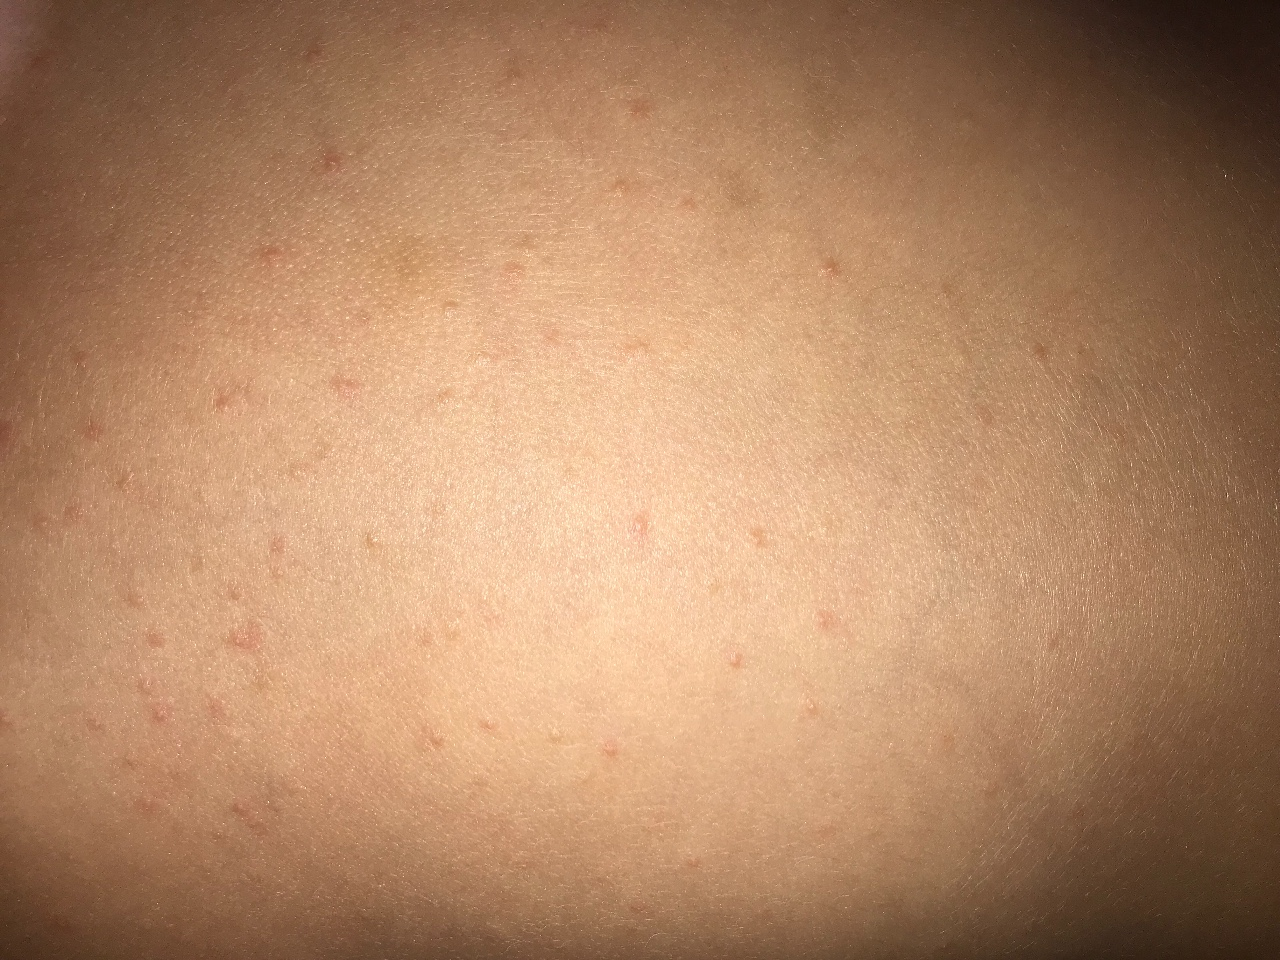 Сыпь на груди у ребенка: причины, фото, лечение